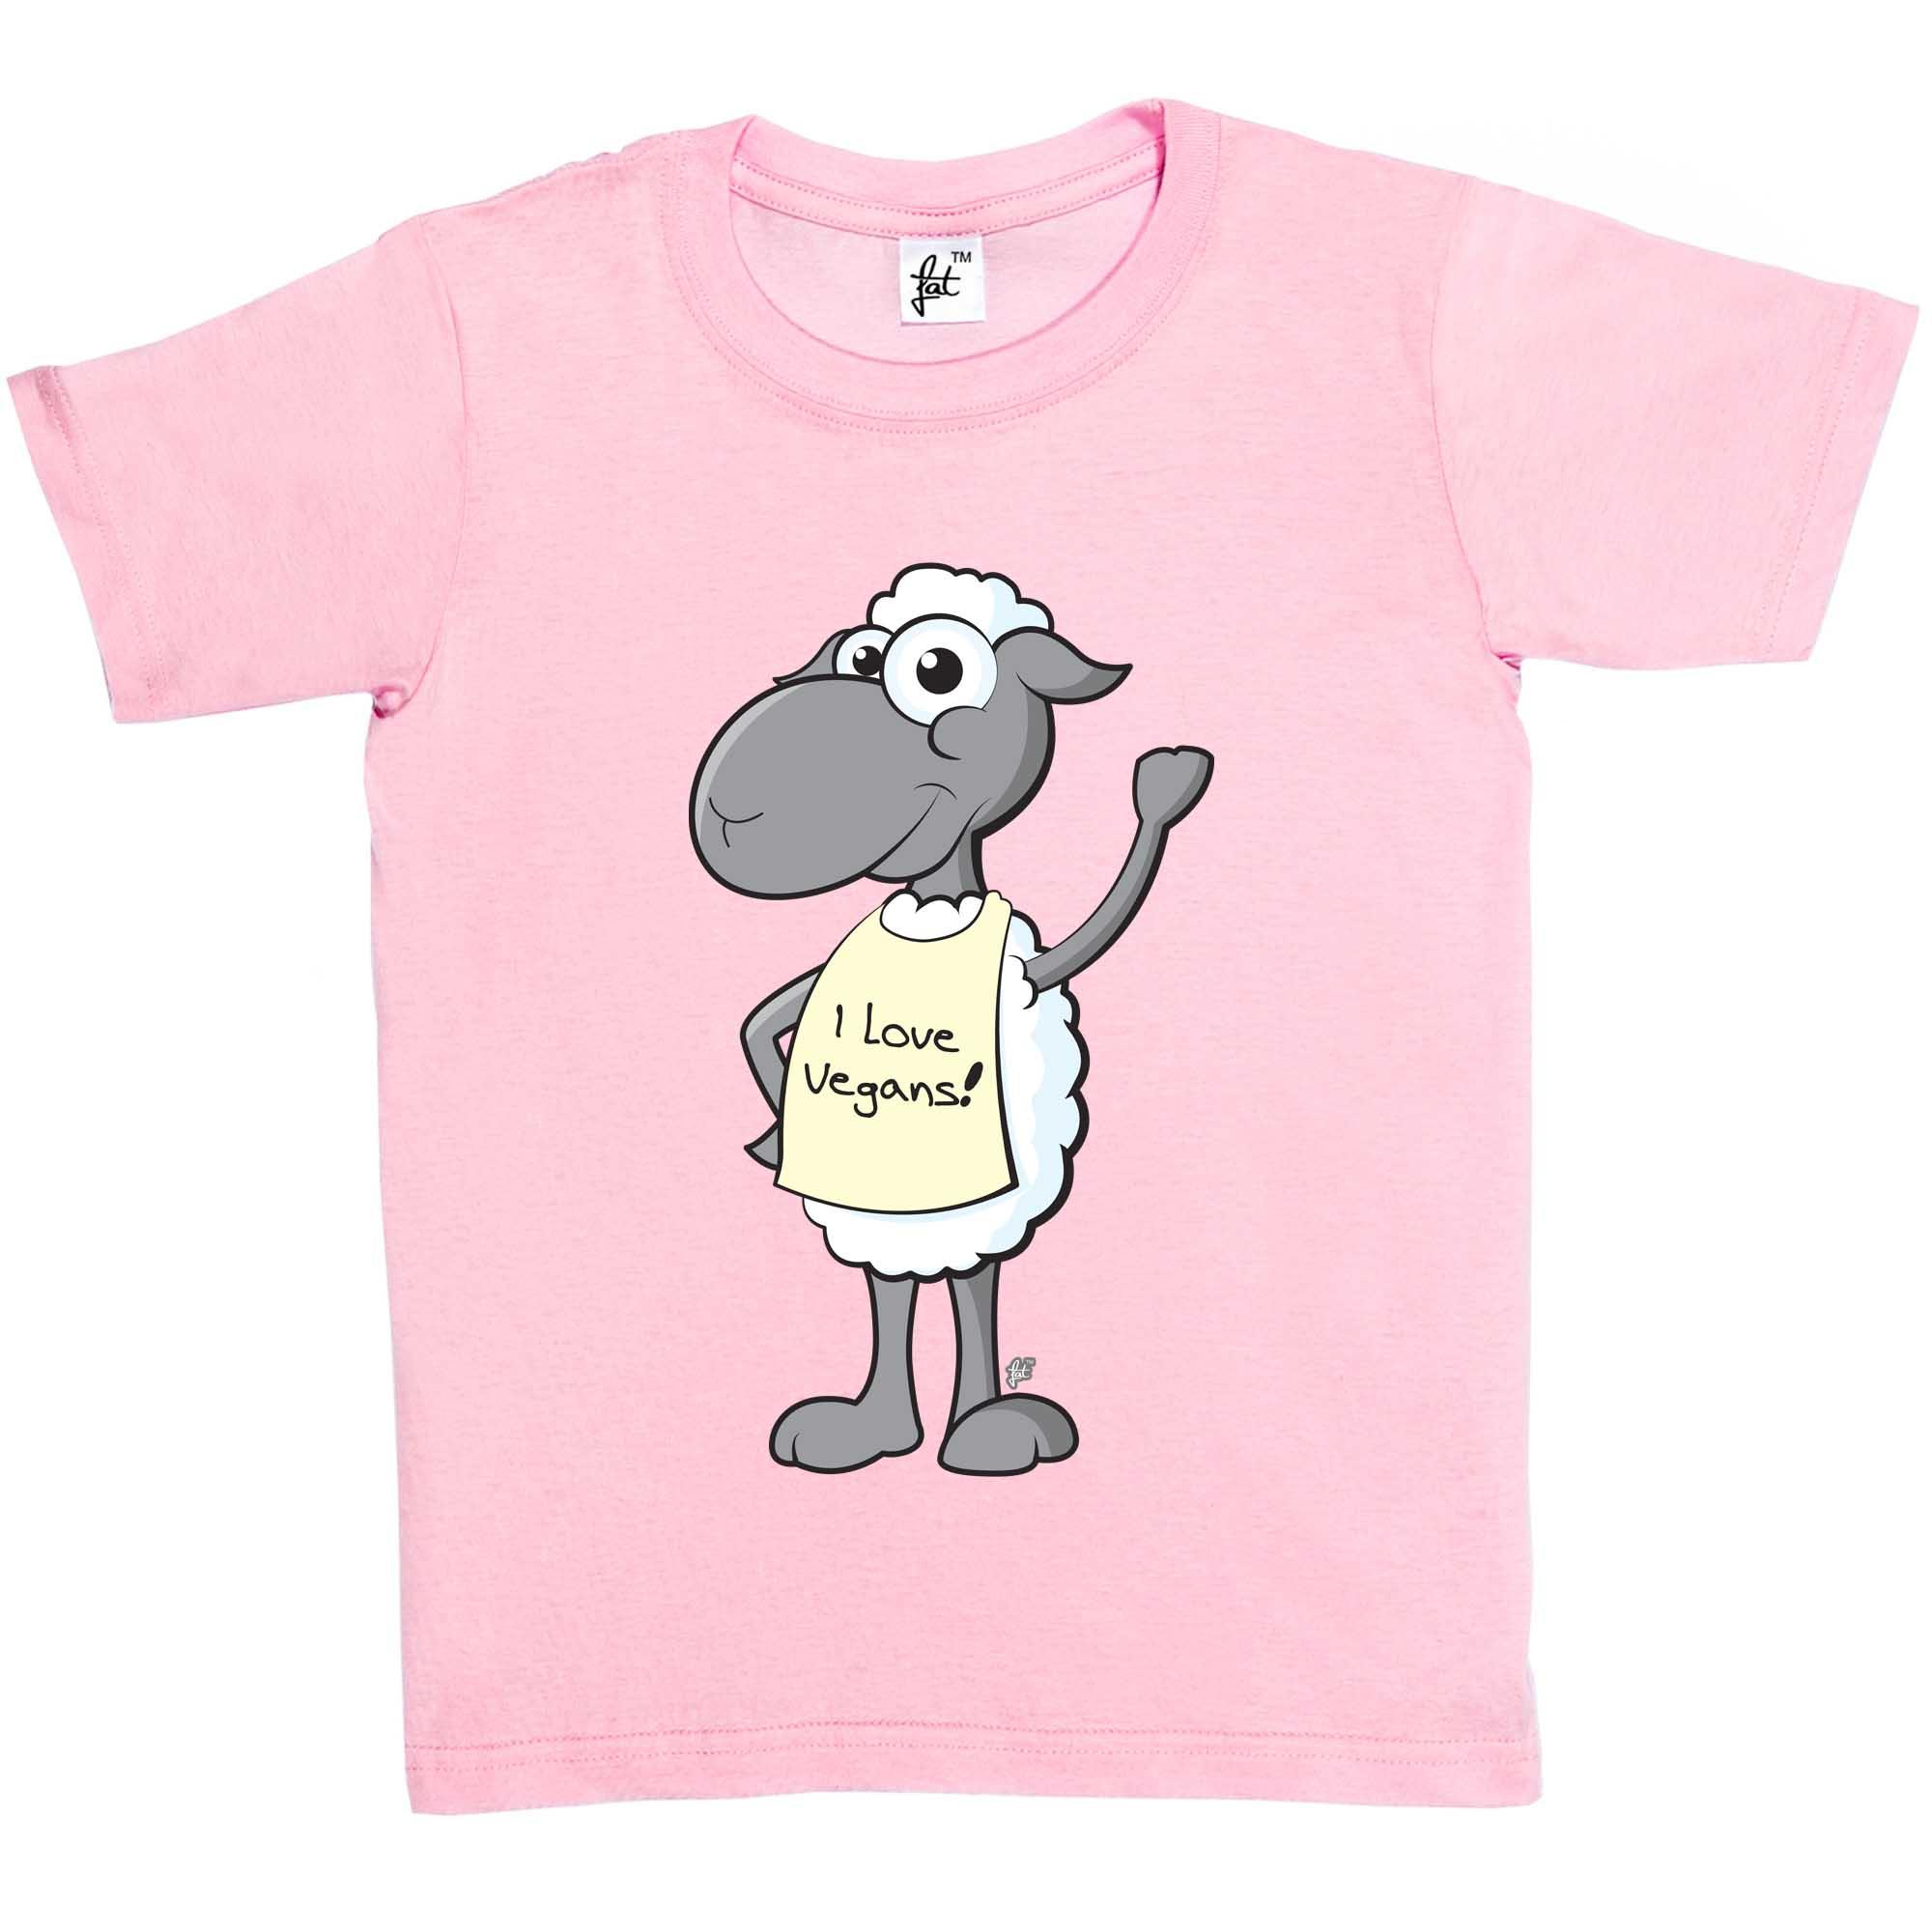 Waving Smiling Sheep Wearing I Love Vegans Sign Kids Boys Girls T-Shirt